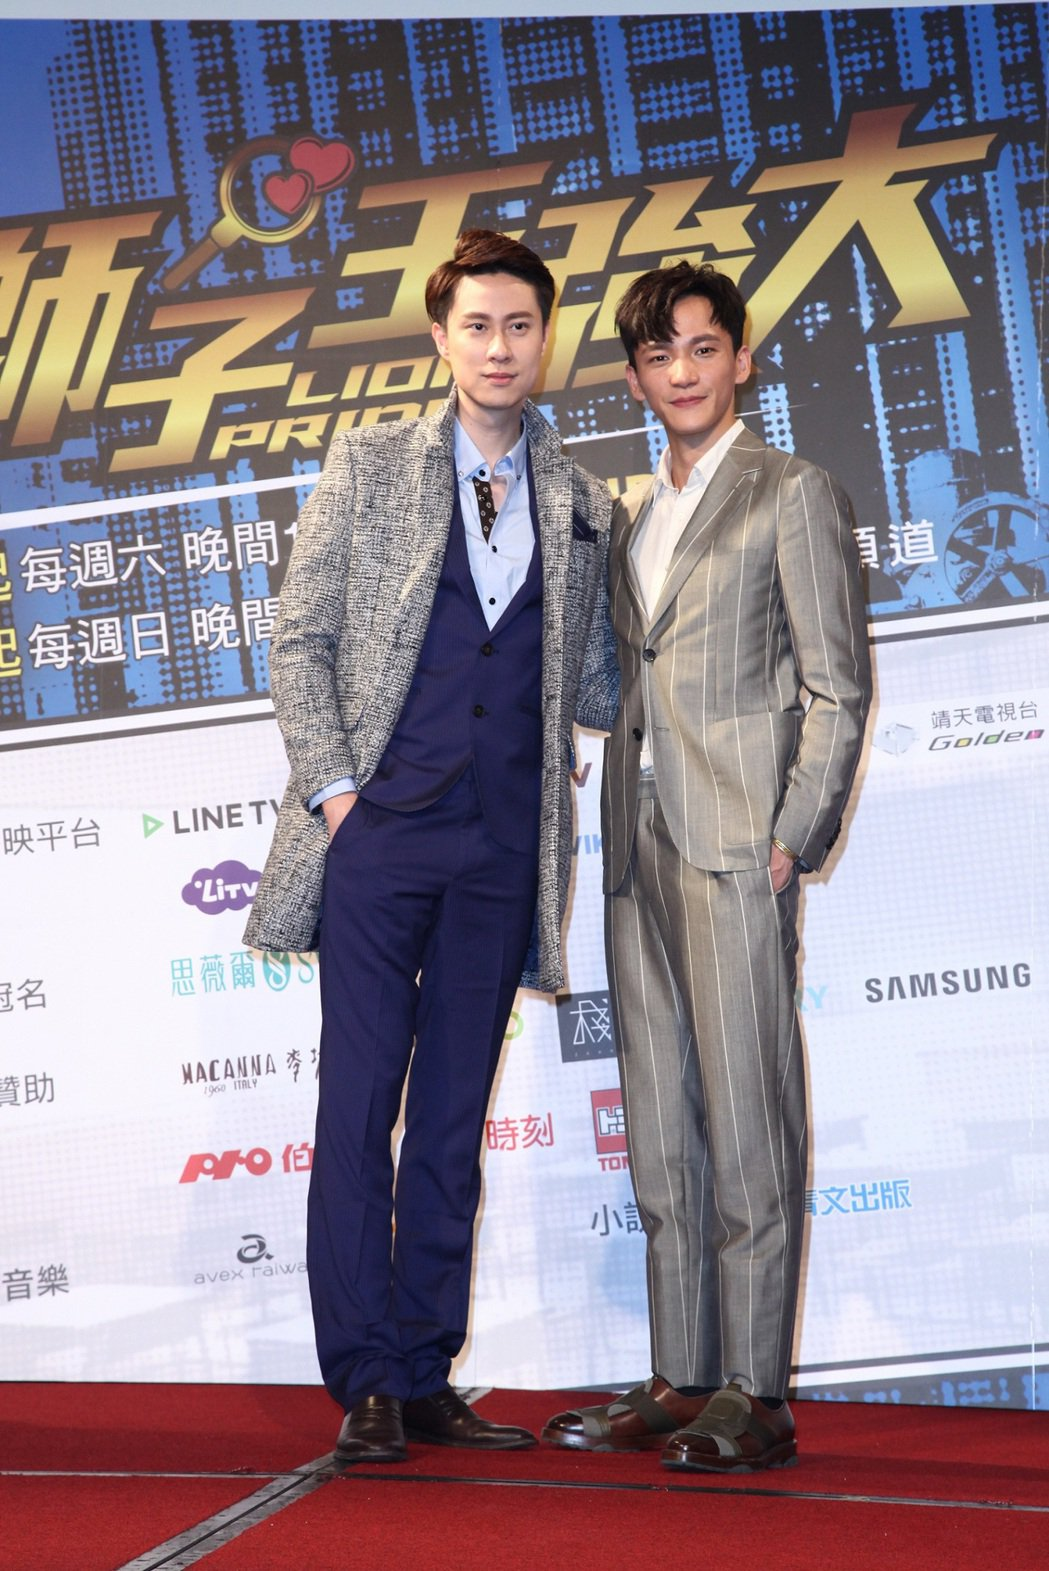 曹晏豪(右)與劉書宏哥兩感情好,被製作人虧差點讓本劇變成「BL」劇。圖/東森提供